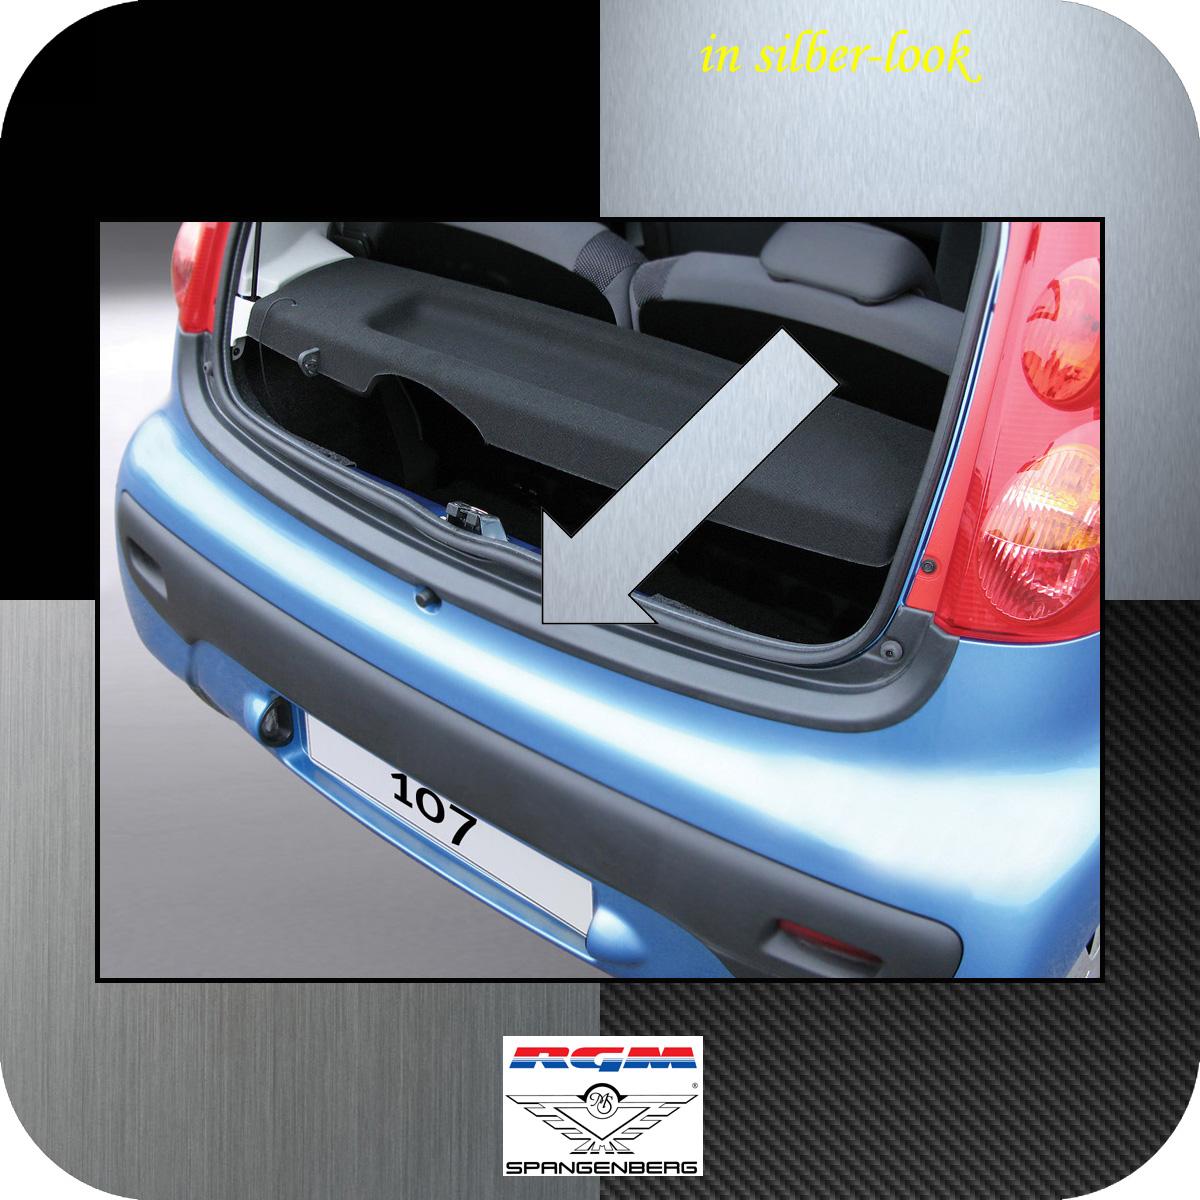 Ladekantenschutz Silber-Look Peugeot 107 Schrägheck ab Baujahr 2005- 3506290